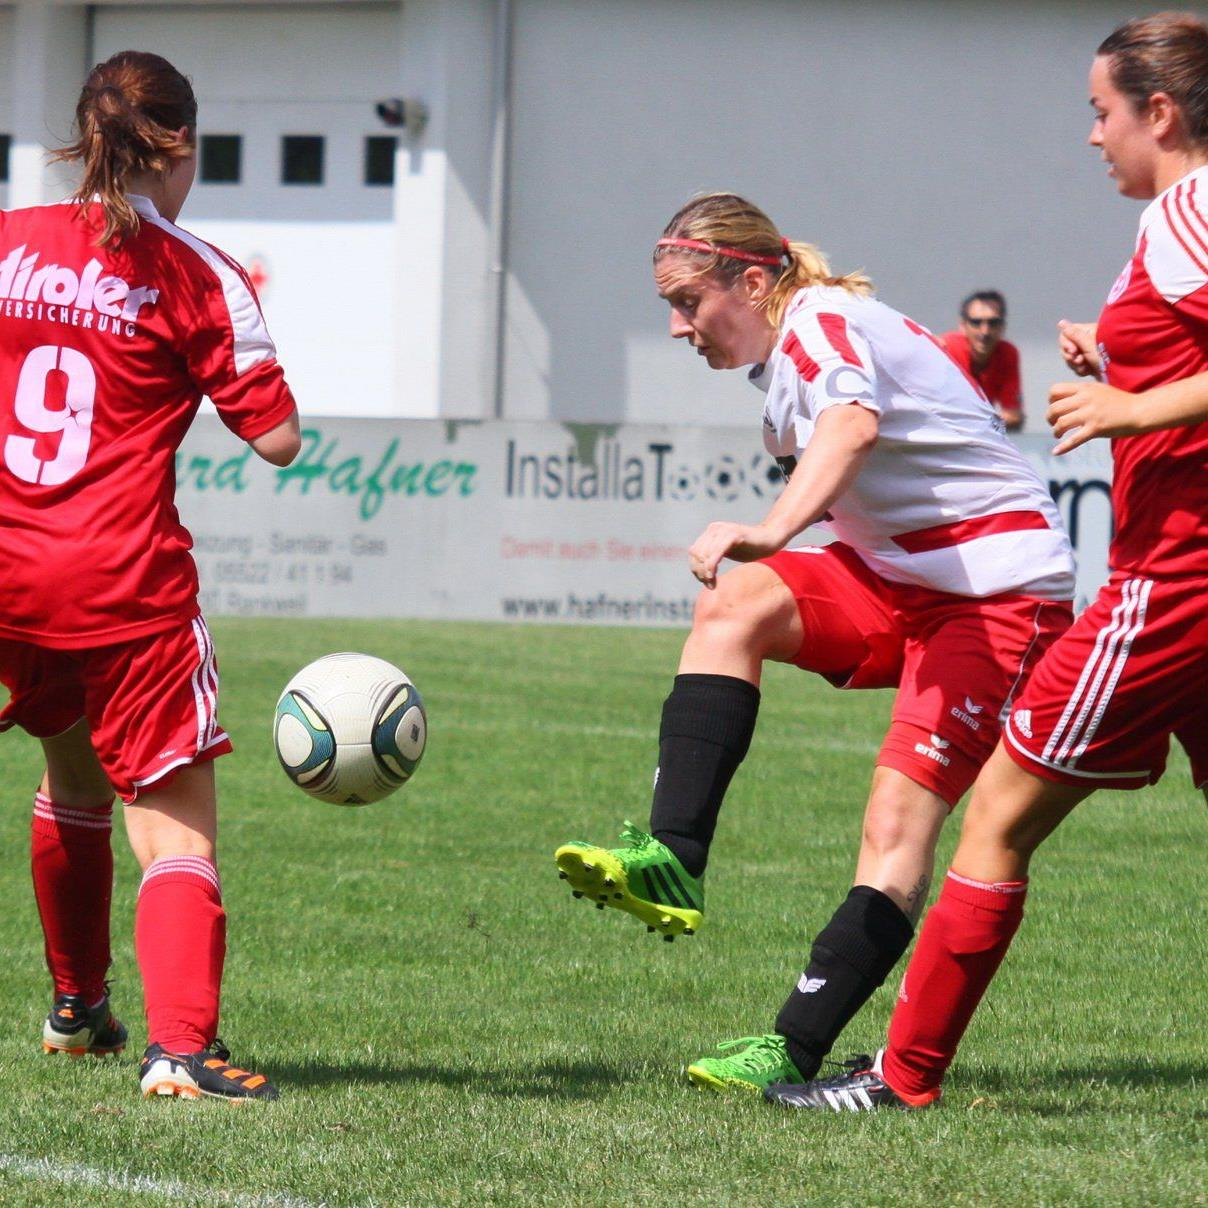 RW Rankweil Torschützin vom Dienst Anja Stadelmann hofft auf den Meistertitel und viele Treffer.